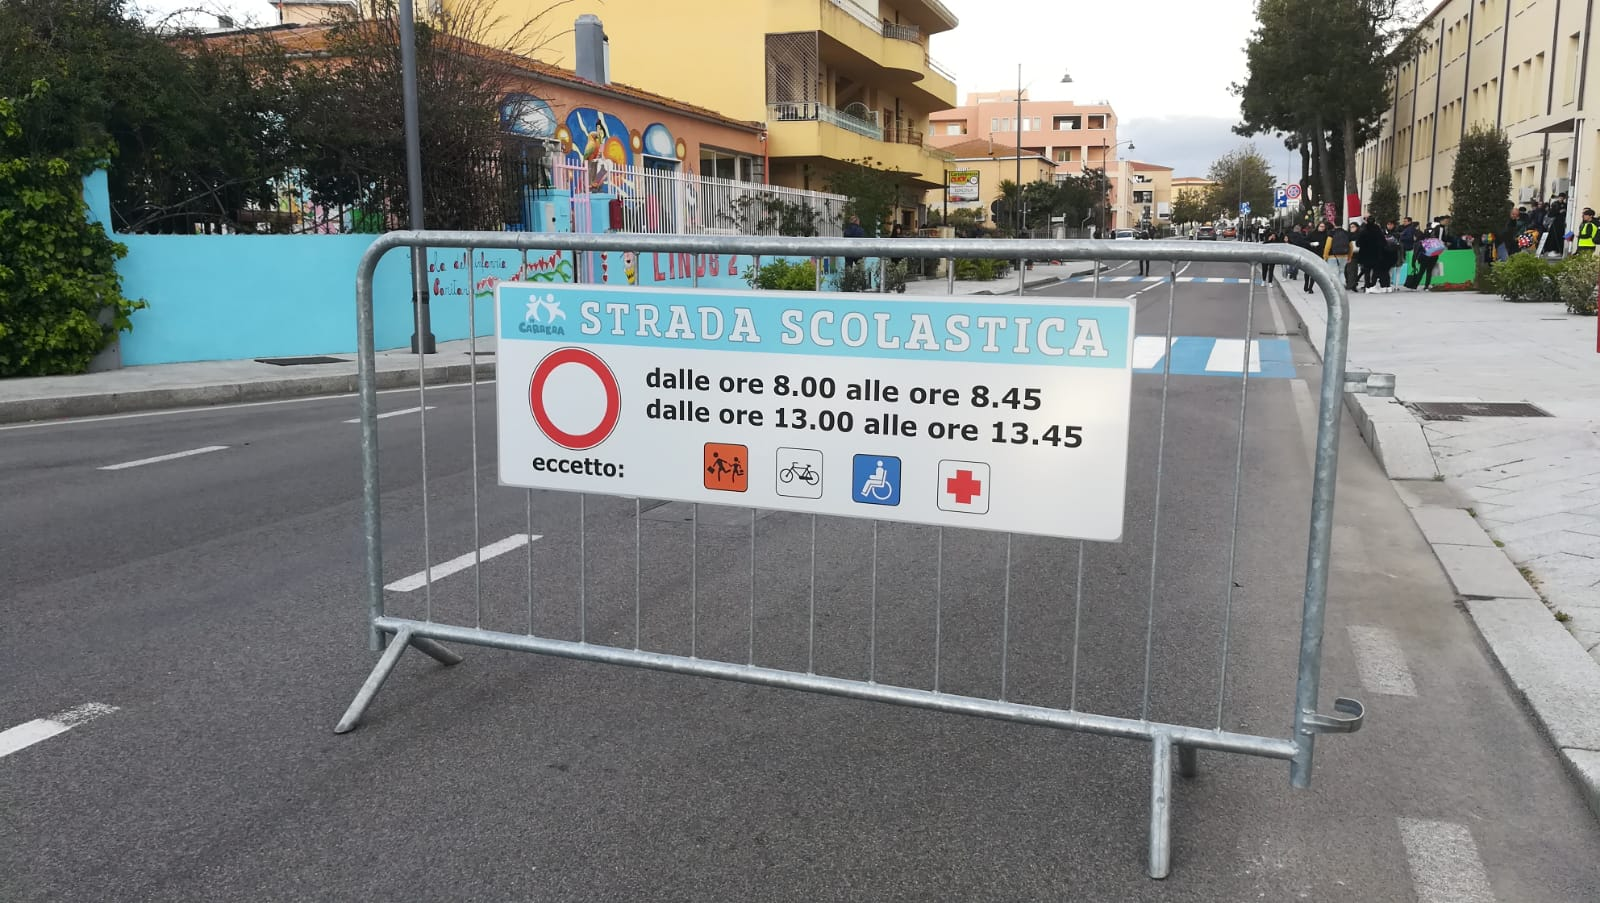 Le associazioni mobilitate: «Chiudiamo le strade alle auto davanti alle scuole»